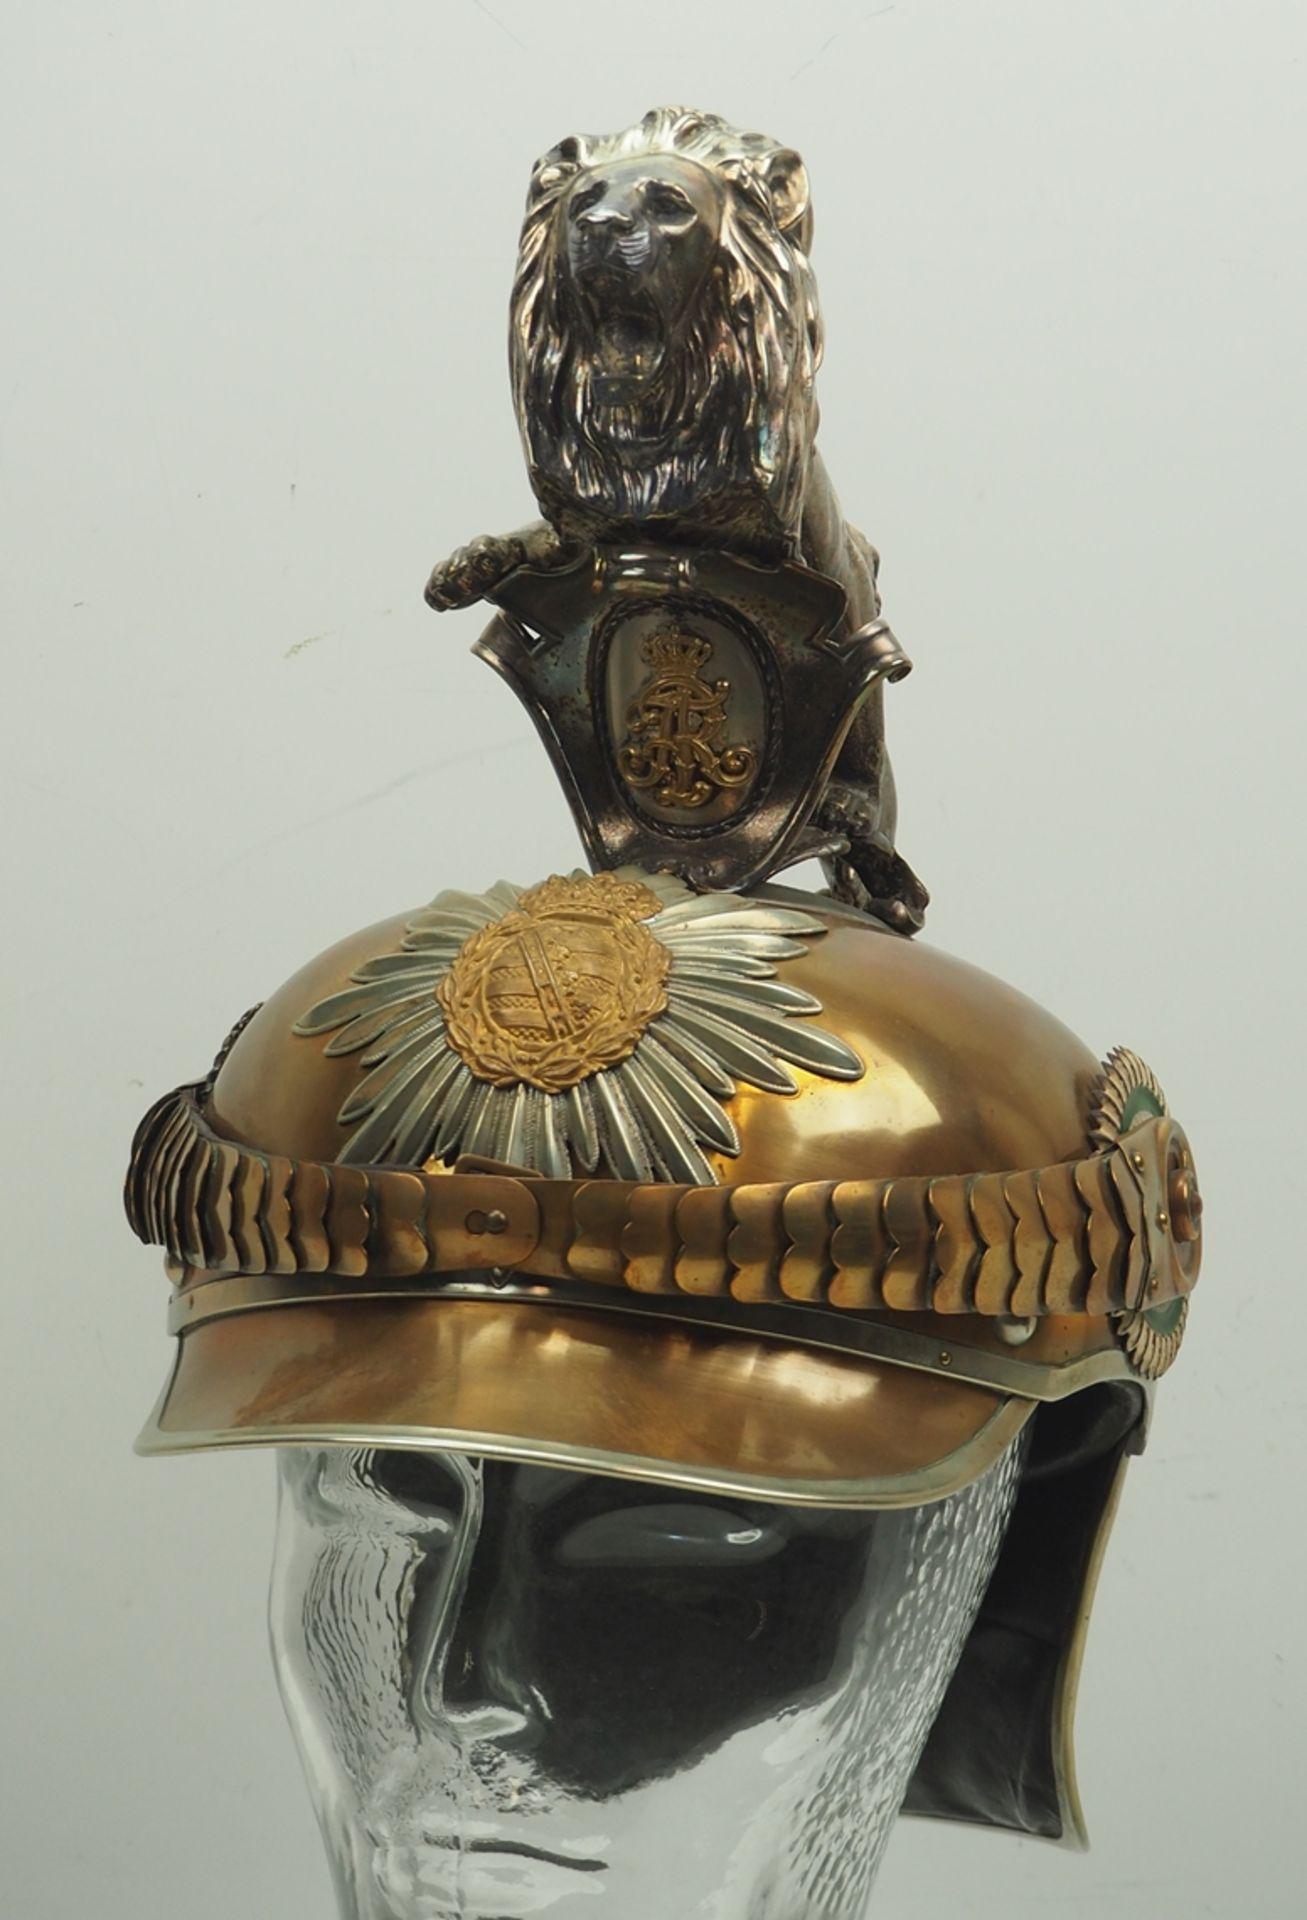 Sachsen: Königlich Sächsisches Garde-Reiter-Regiment, Helm für Mannschaften mit